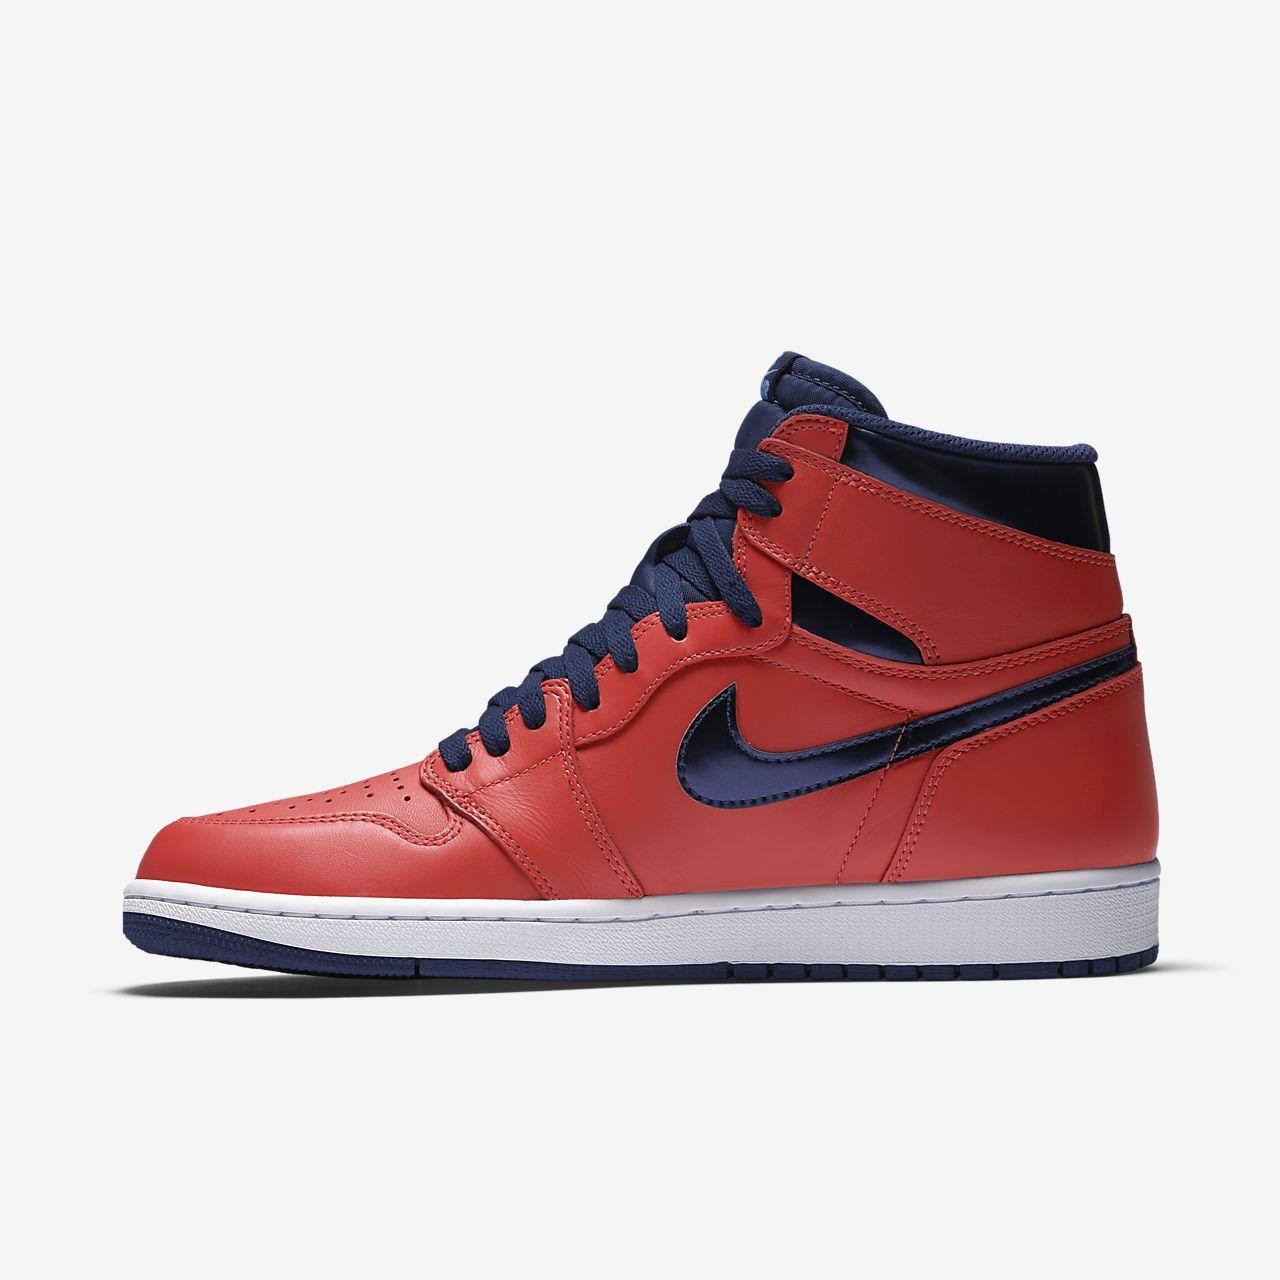 e6d1eb8112f336 Air Jordan 1 Retro High OG Shoe. Nike.com IE